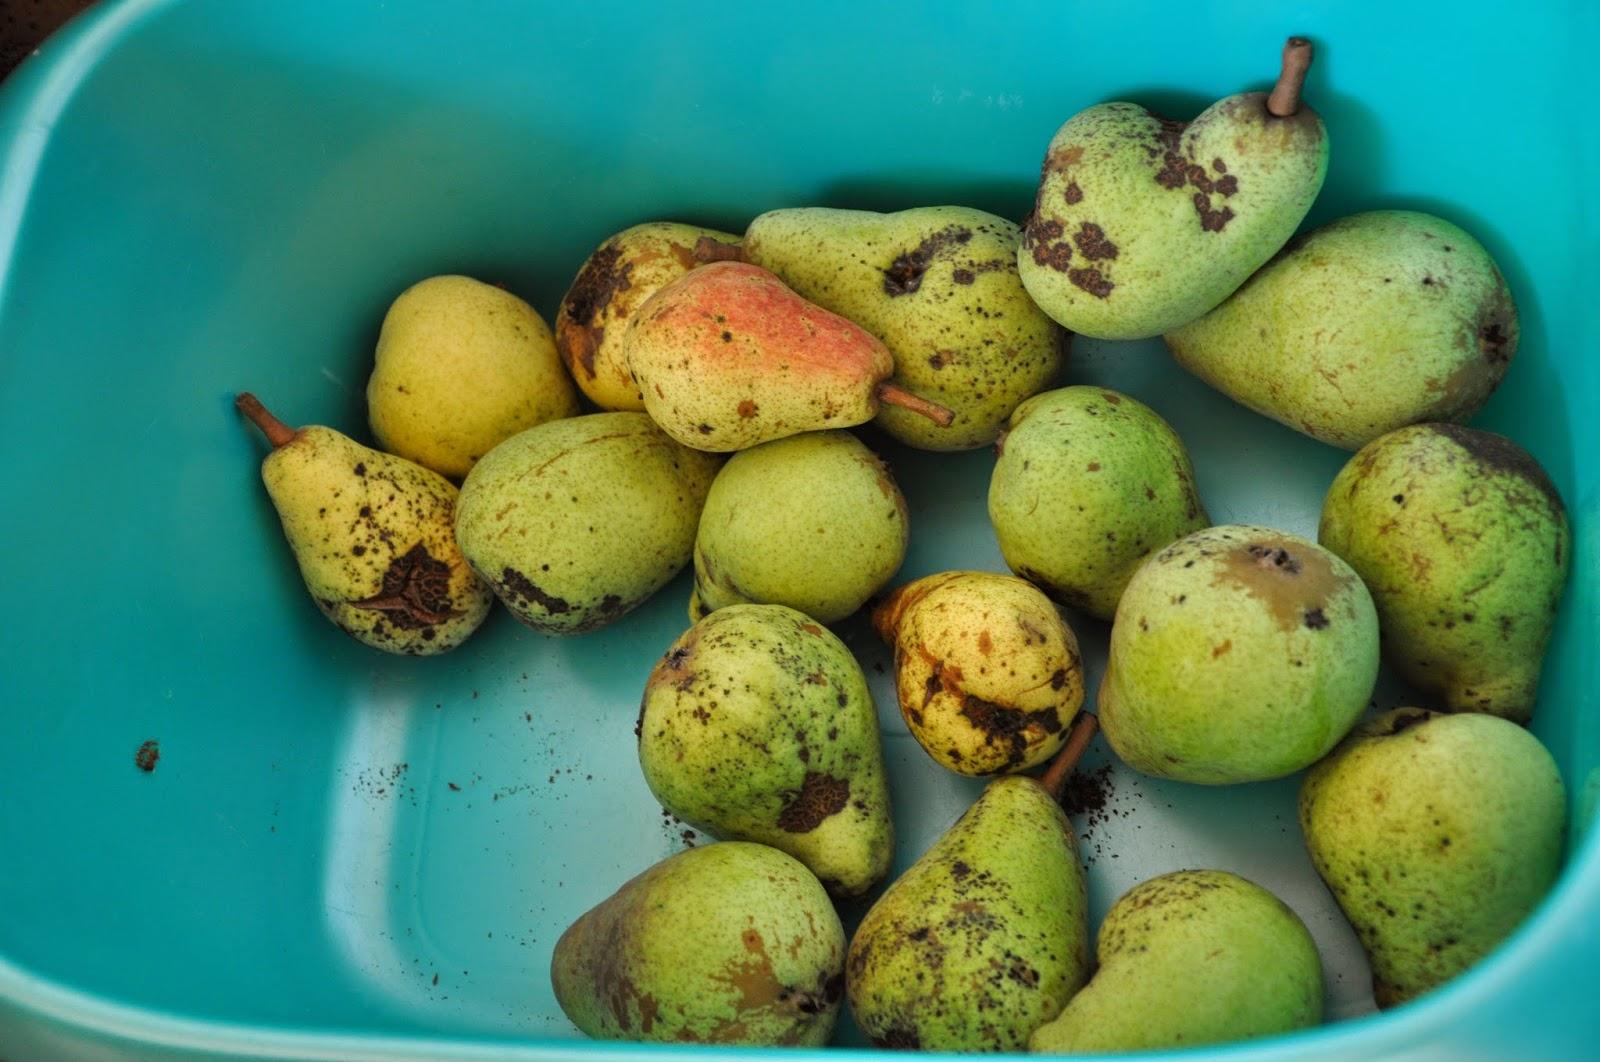 Spannenlanger Hansel, nudeldicke Dirn' - Leckere Birnenverwertung | Ein Wäschekorb voller Birnen